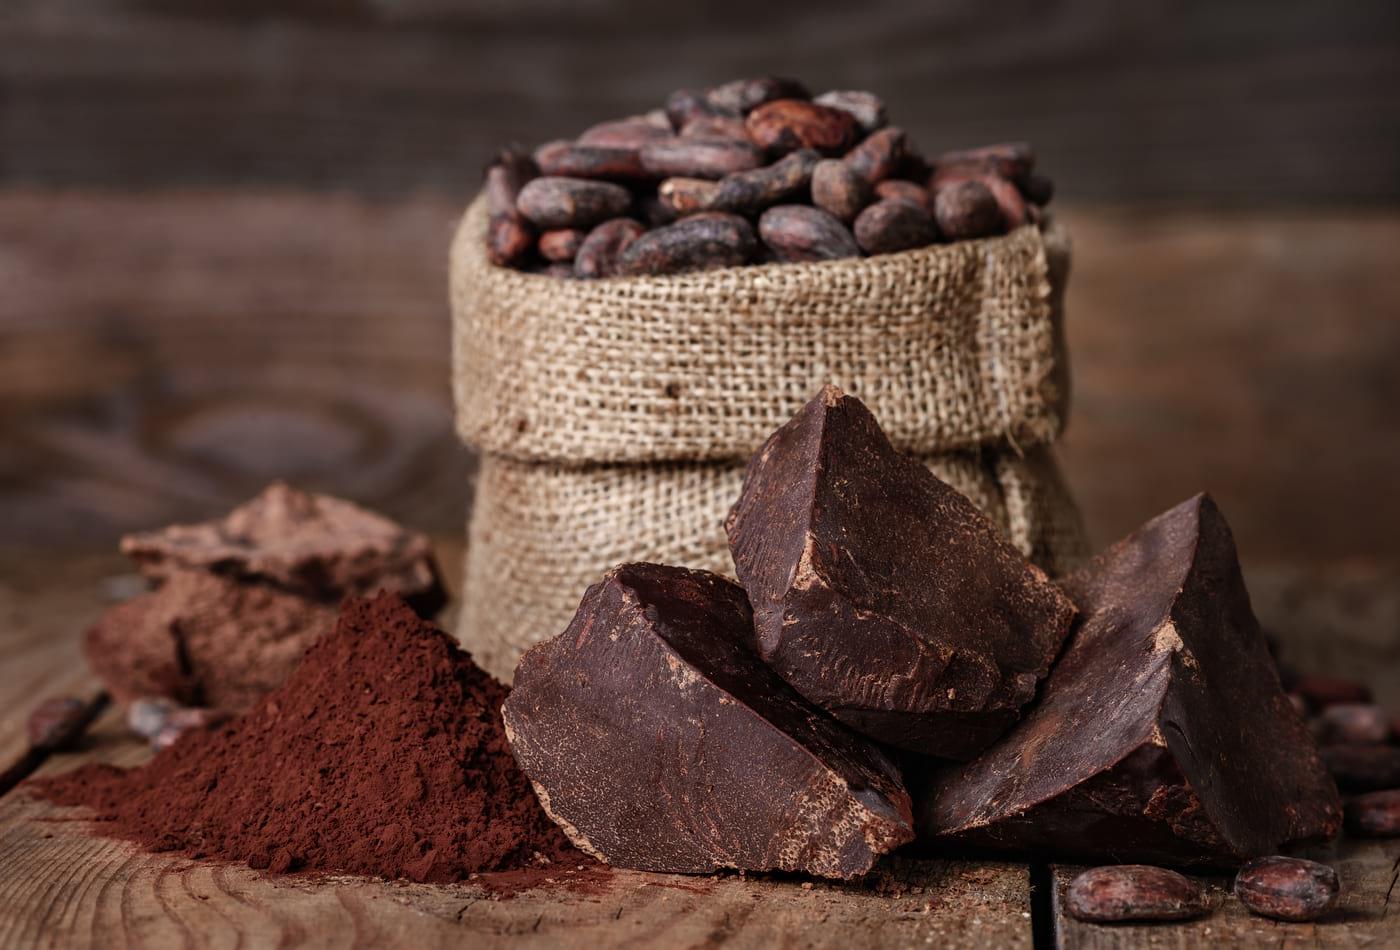 Ciocolata neagră îți poate îmbunătăți imunitatea?